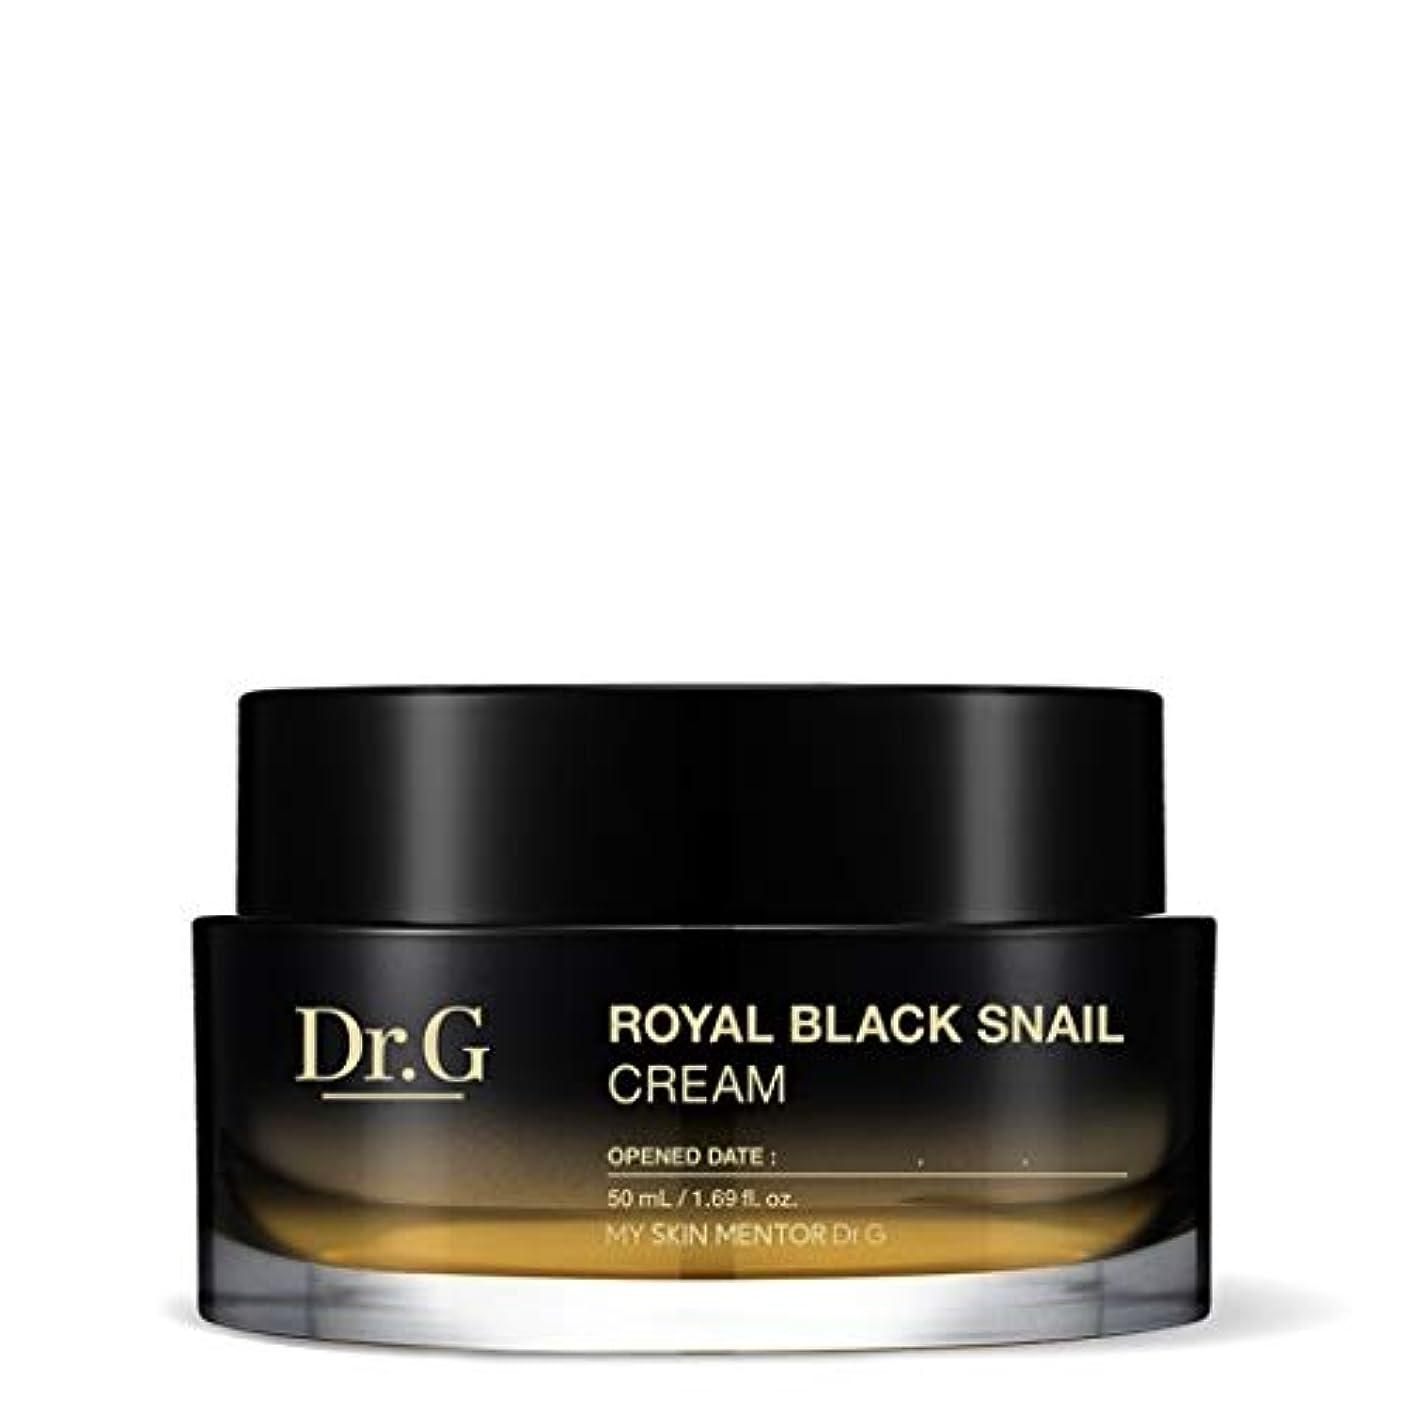 カテナカウント無駄に[Dr.Gドクタージー] ロイヤルブラックスネイルクリーム 50ml / Royal Black Snail Cream